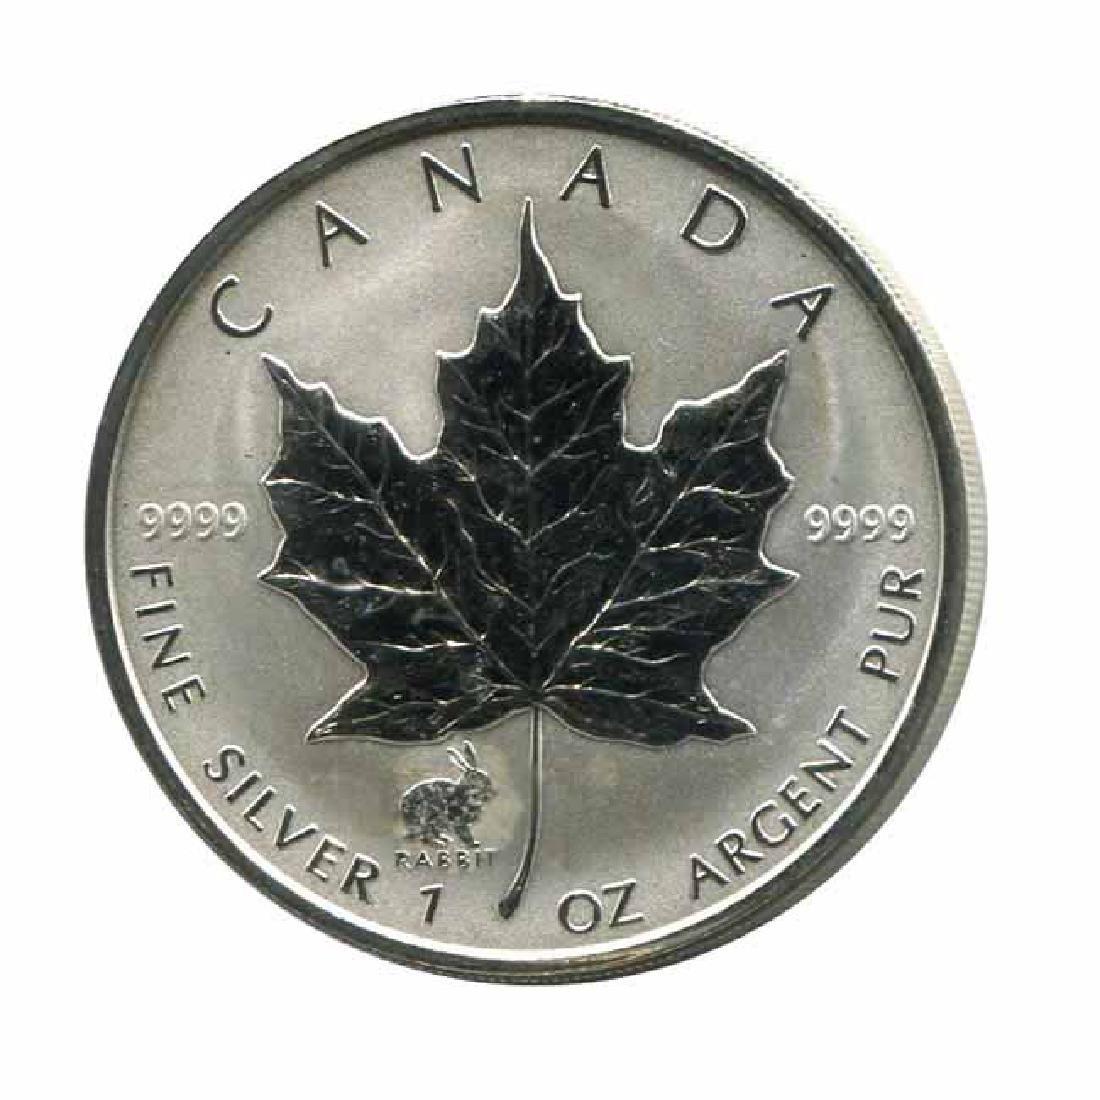 1999 Canada 1 oz. Silver Maple Leaf Reverse Proof Rabbi